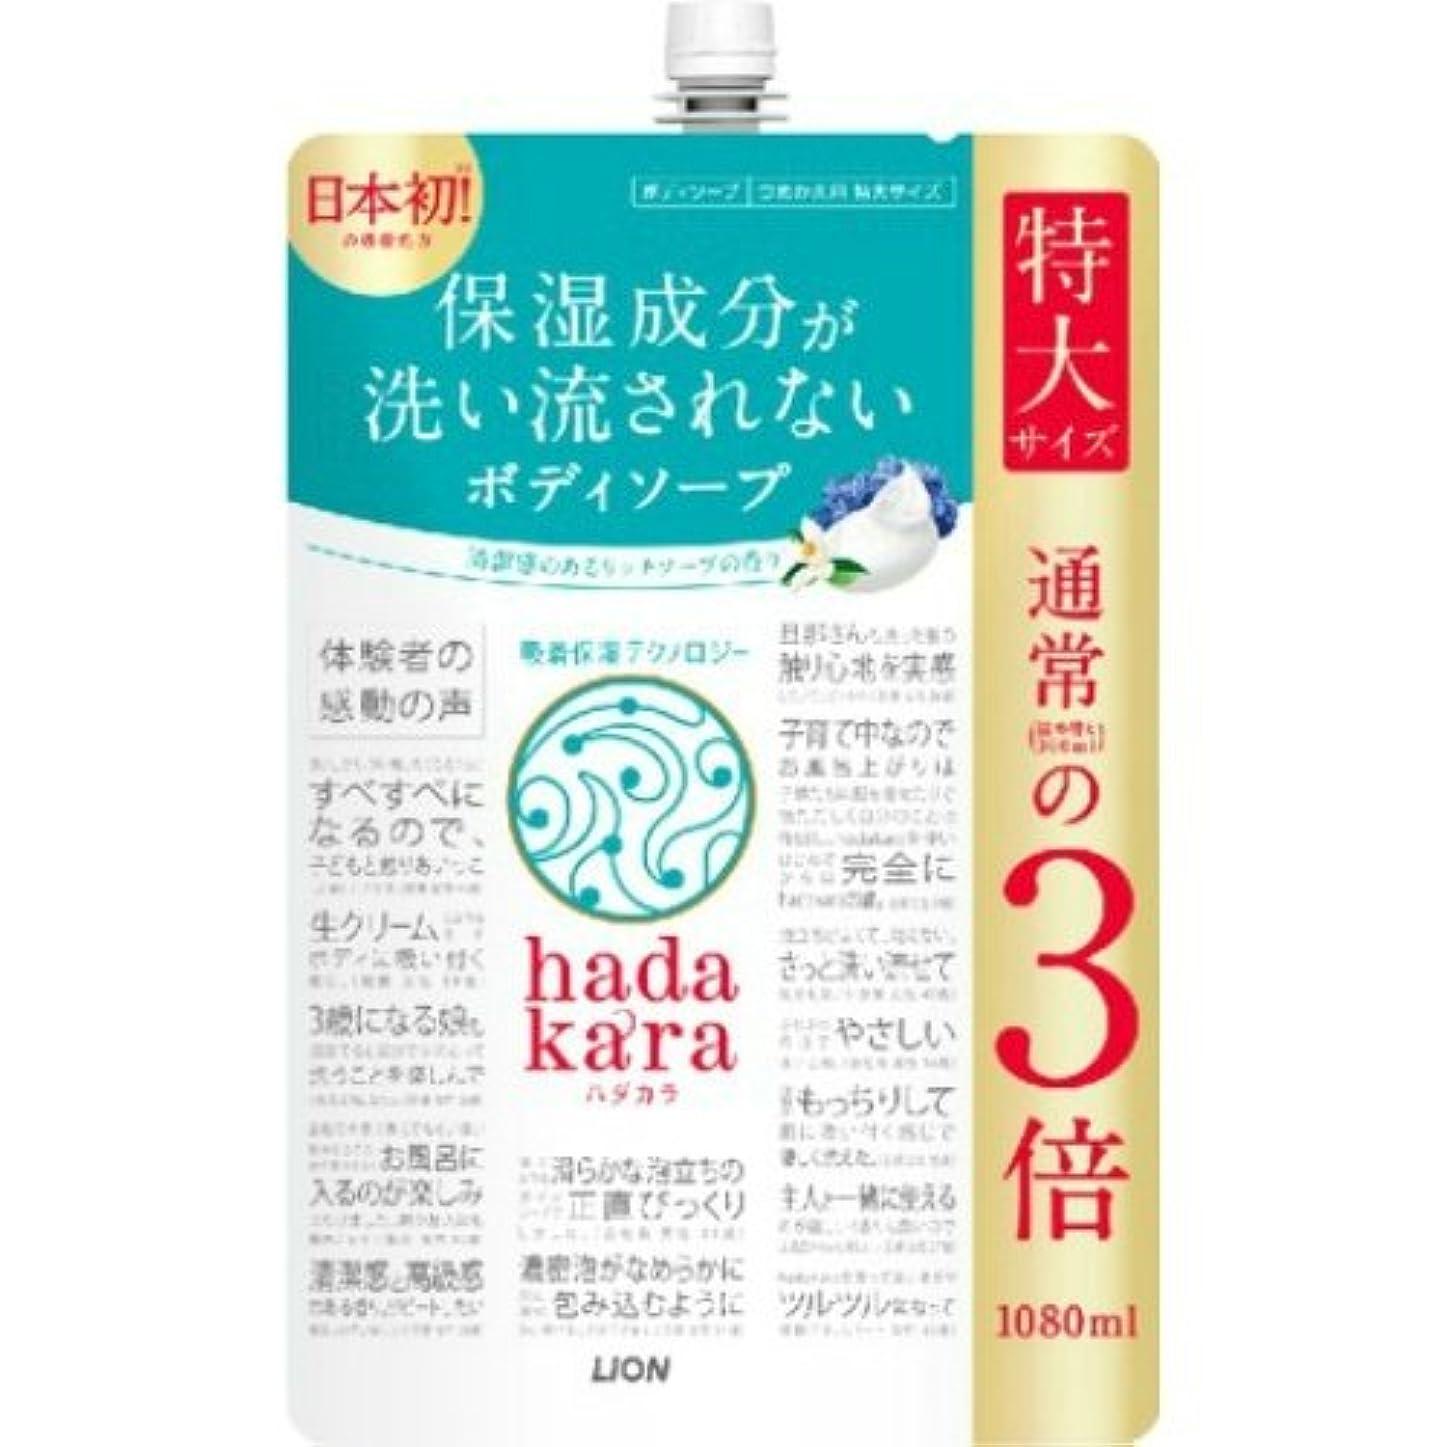 アナニバー挑発する秀でるLION ライオン hadakara ハダカラ ボディソープ リッチソープの香り つめかえ用 特大サイズ 1080ml ×3点セット(4903301260882)